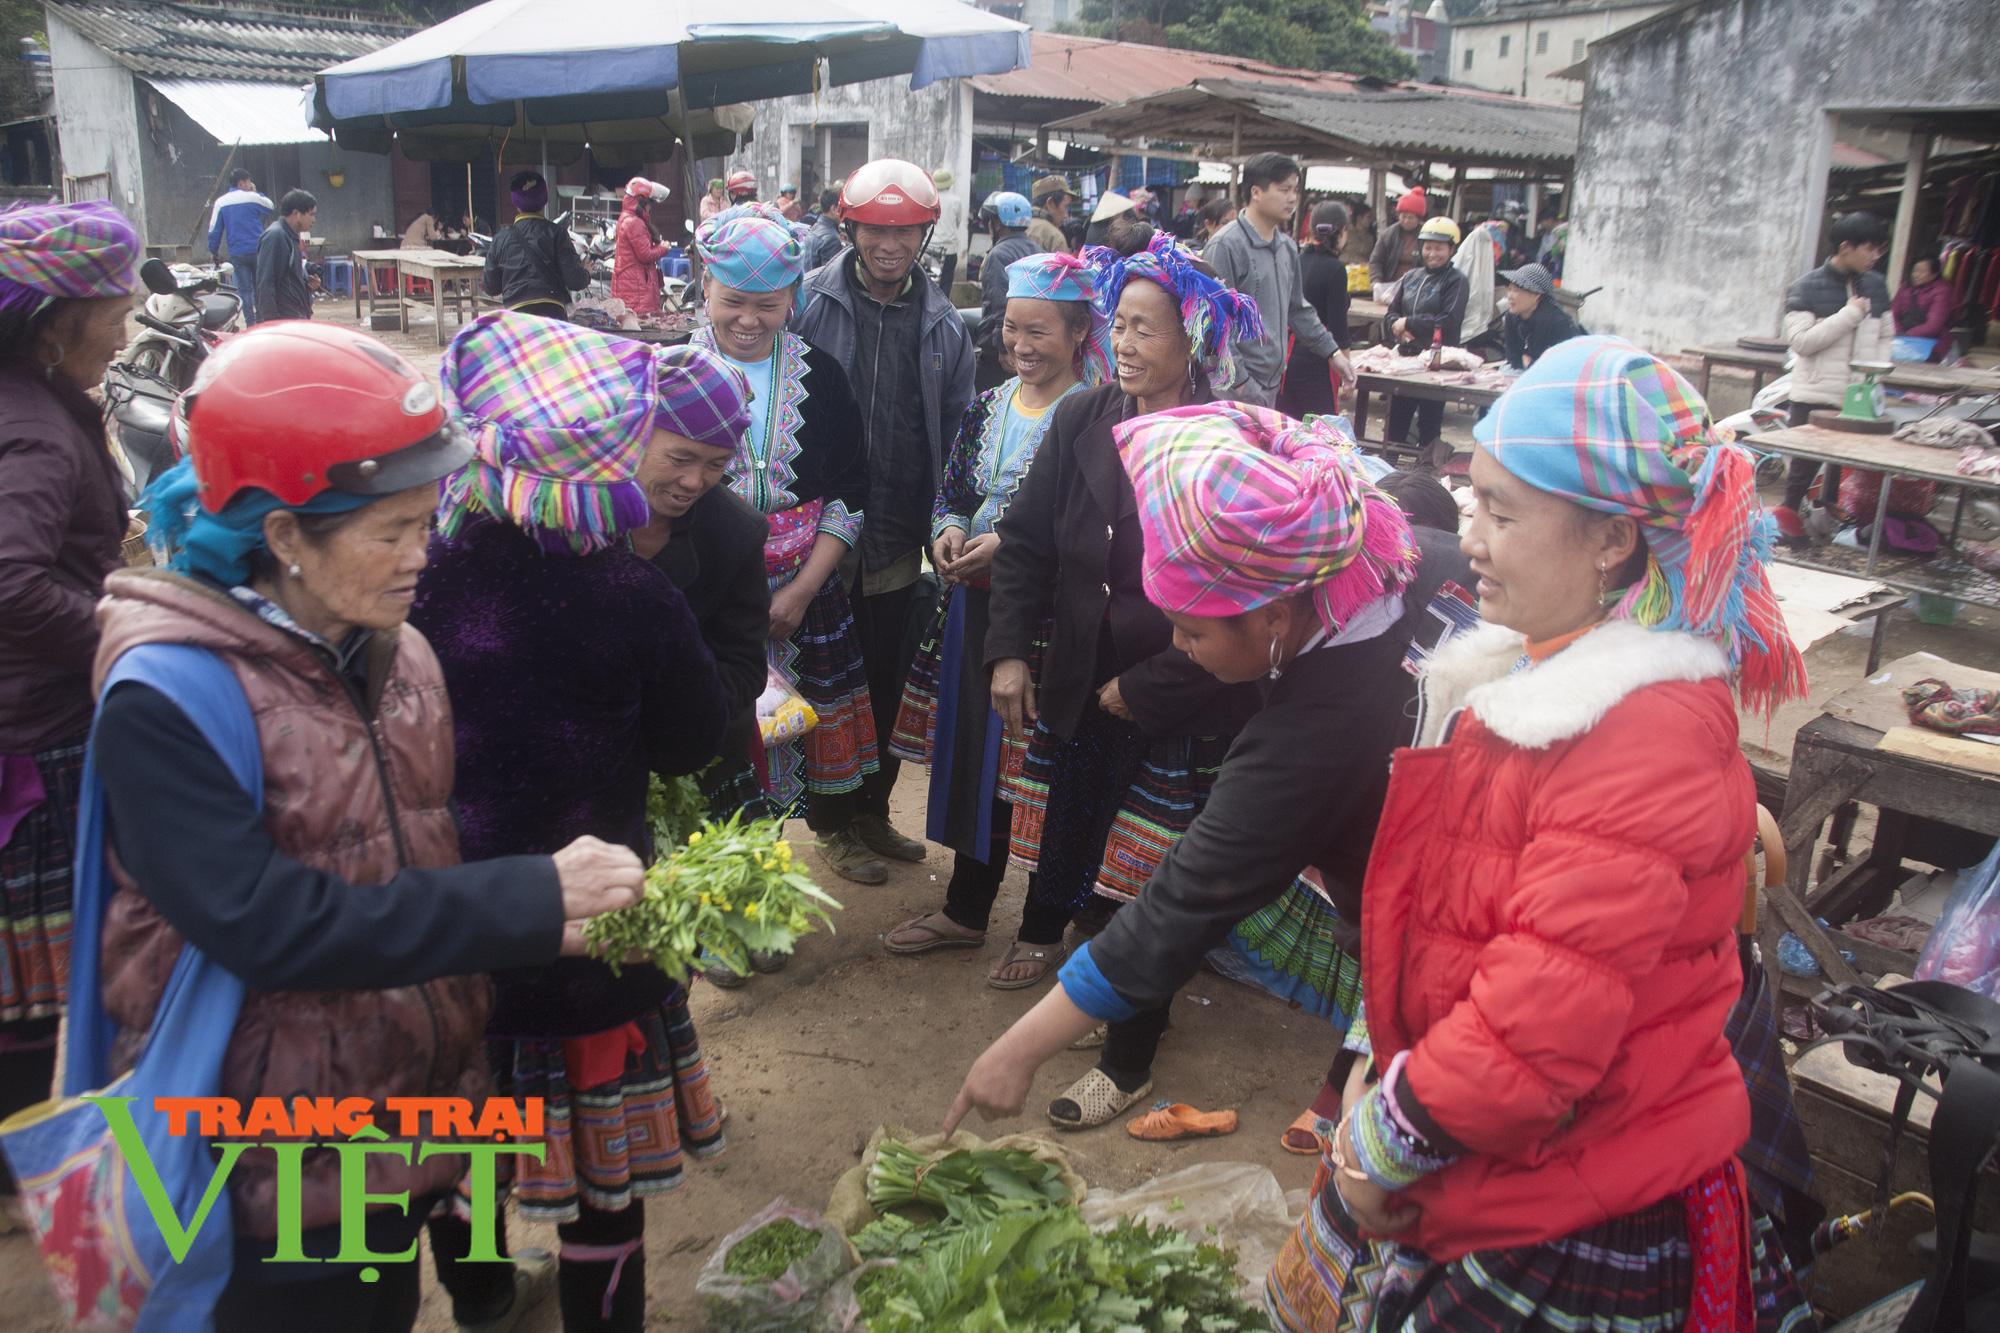 Thành phố Lai Châu chú trọng phát triển dịch vụ du lịch - Ảnh 3.